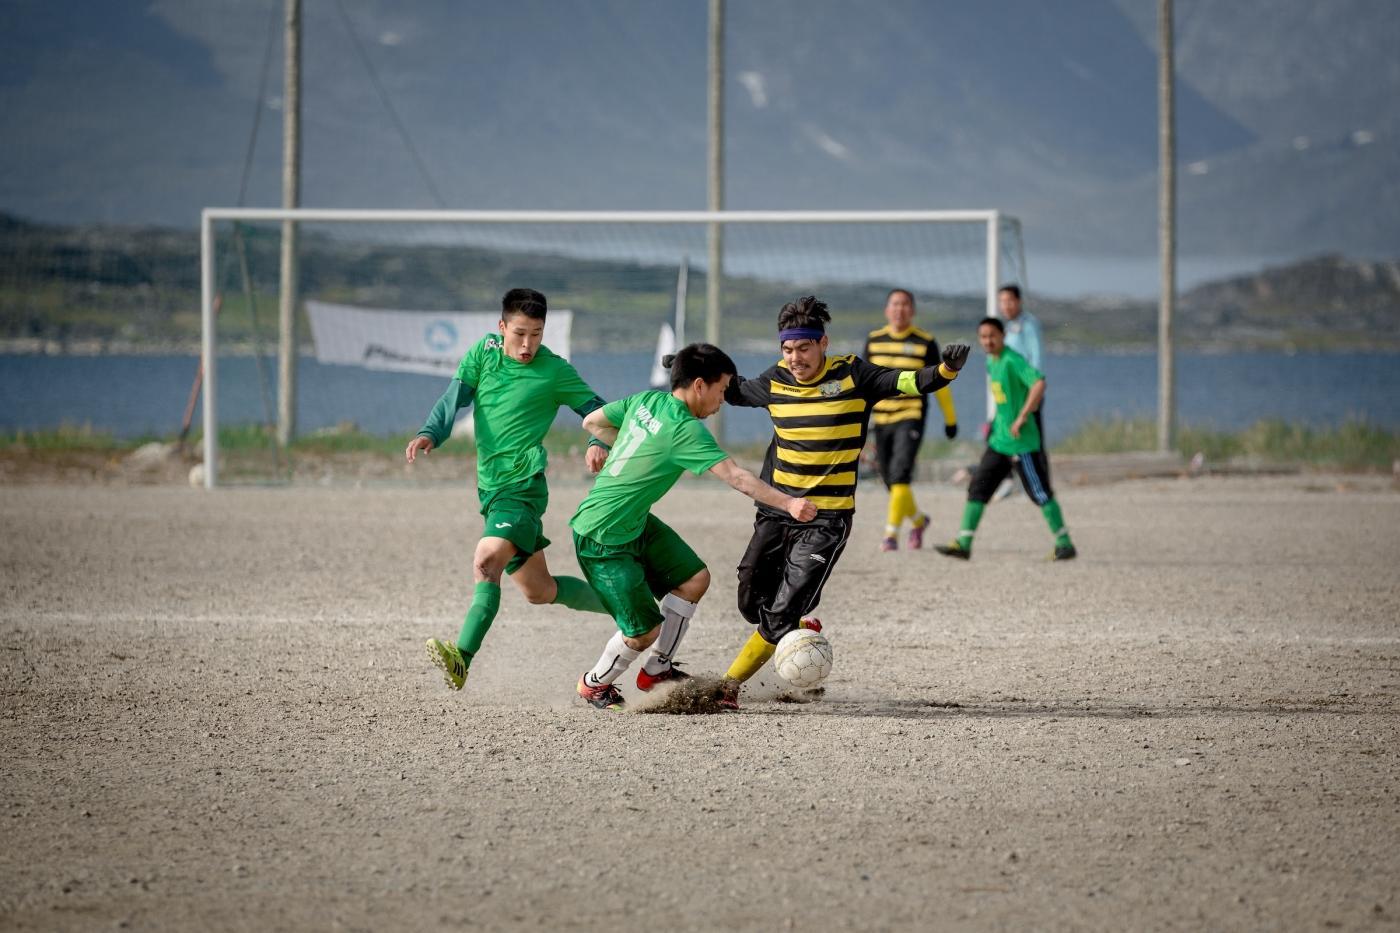 Soccer players from Nanortalik and Narsarmiit at the local Nanortalik championships in South Greenland. Photo by Mads Pihl - Visit Greenland